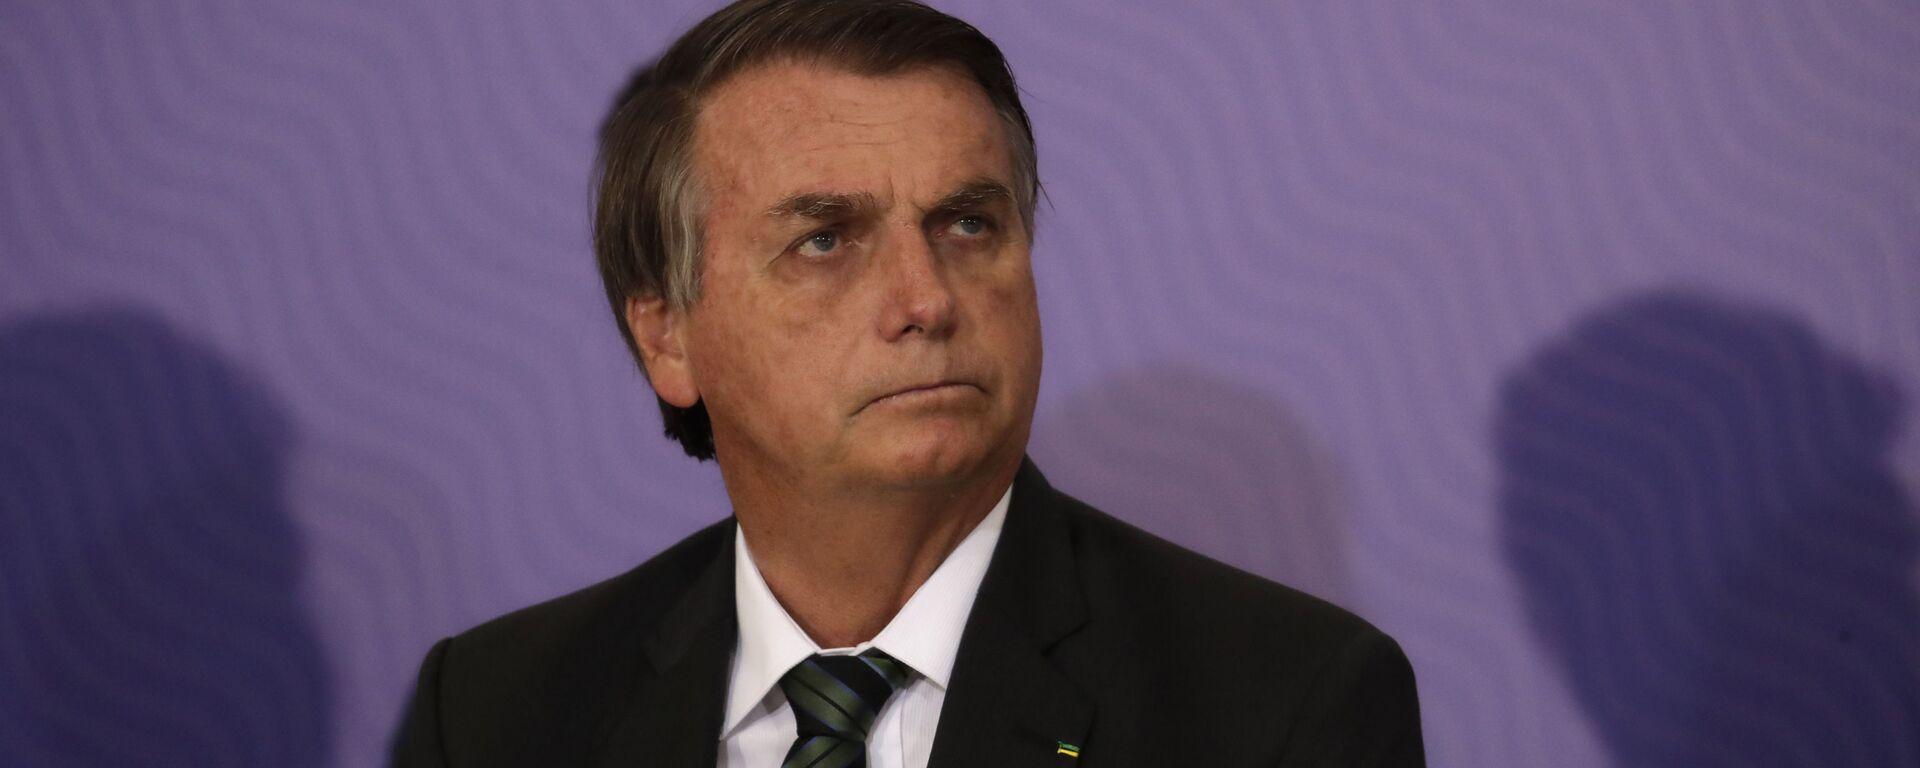 El presidente de Brasil, Jair Bolsonaro - Sputnik Mundo, 1920, 19.07.2021